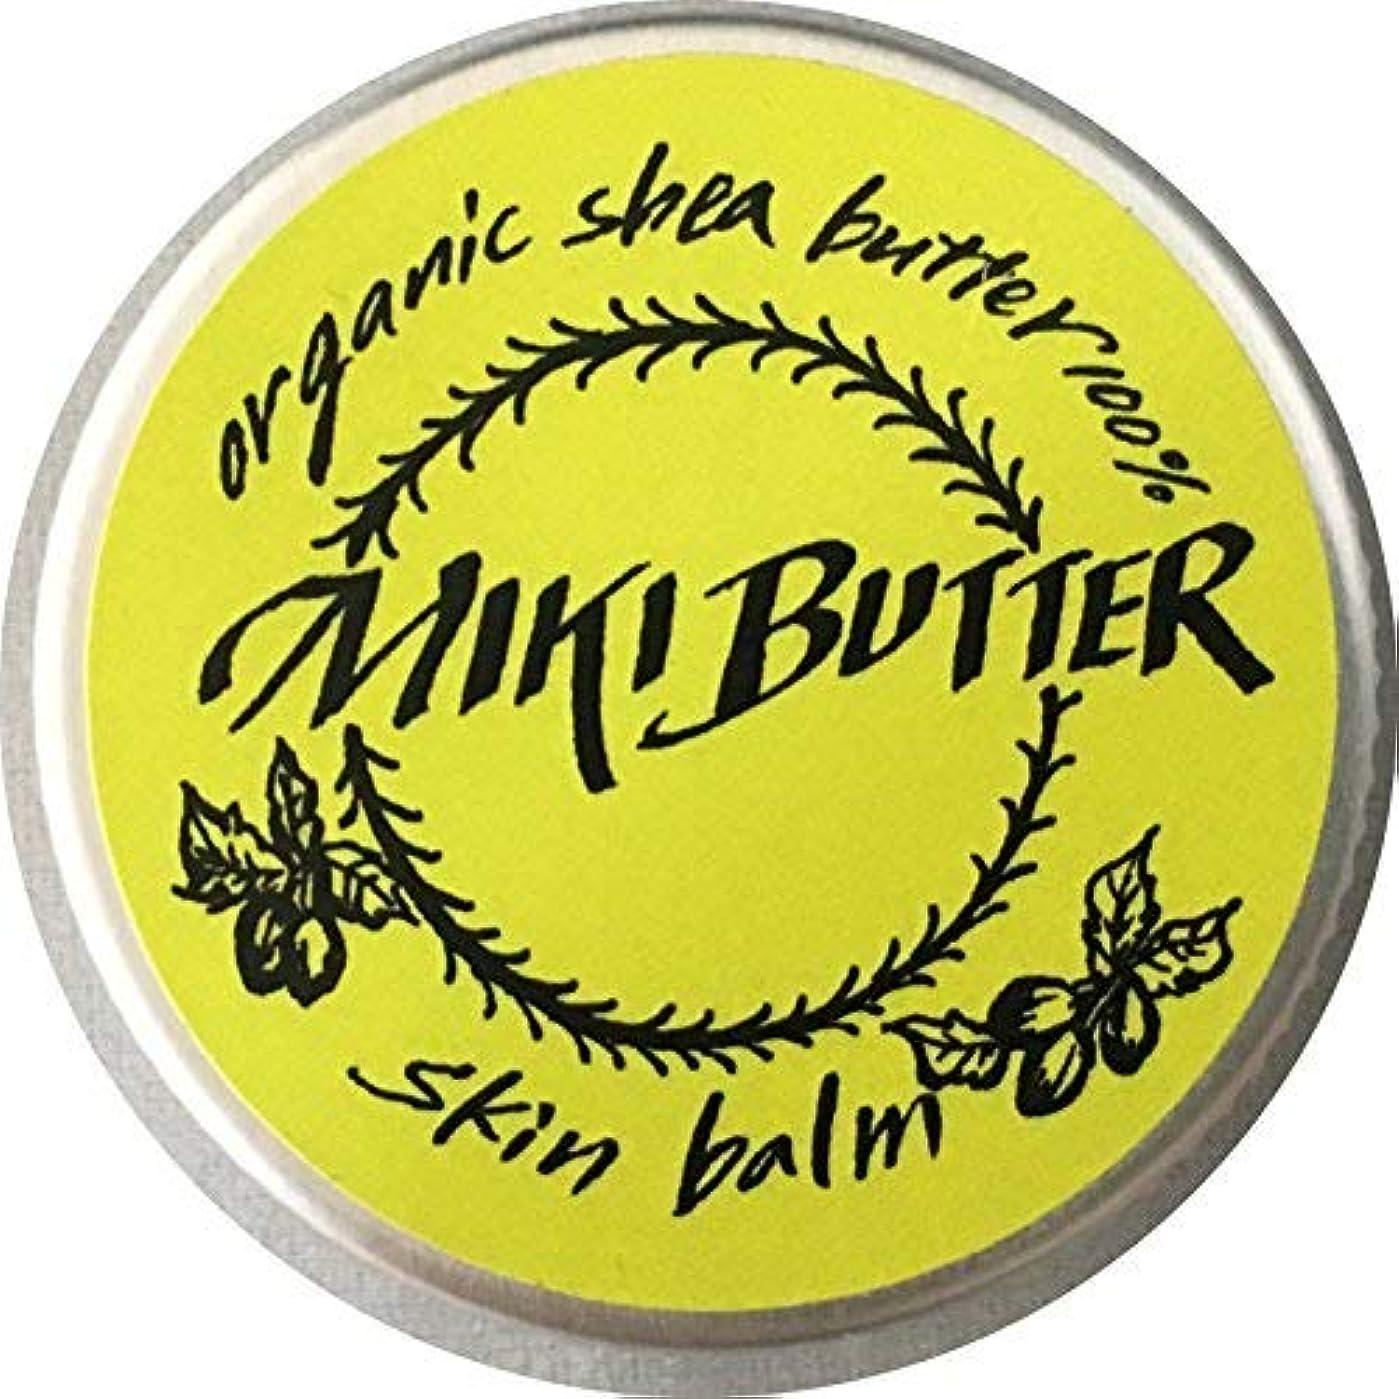 書誌ラジエーター対角線100% 天然 未精製シアバター ミキバター (パール柑, 45)